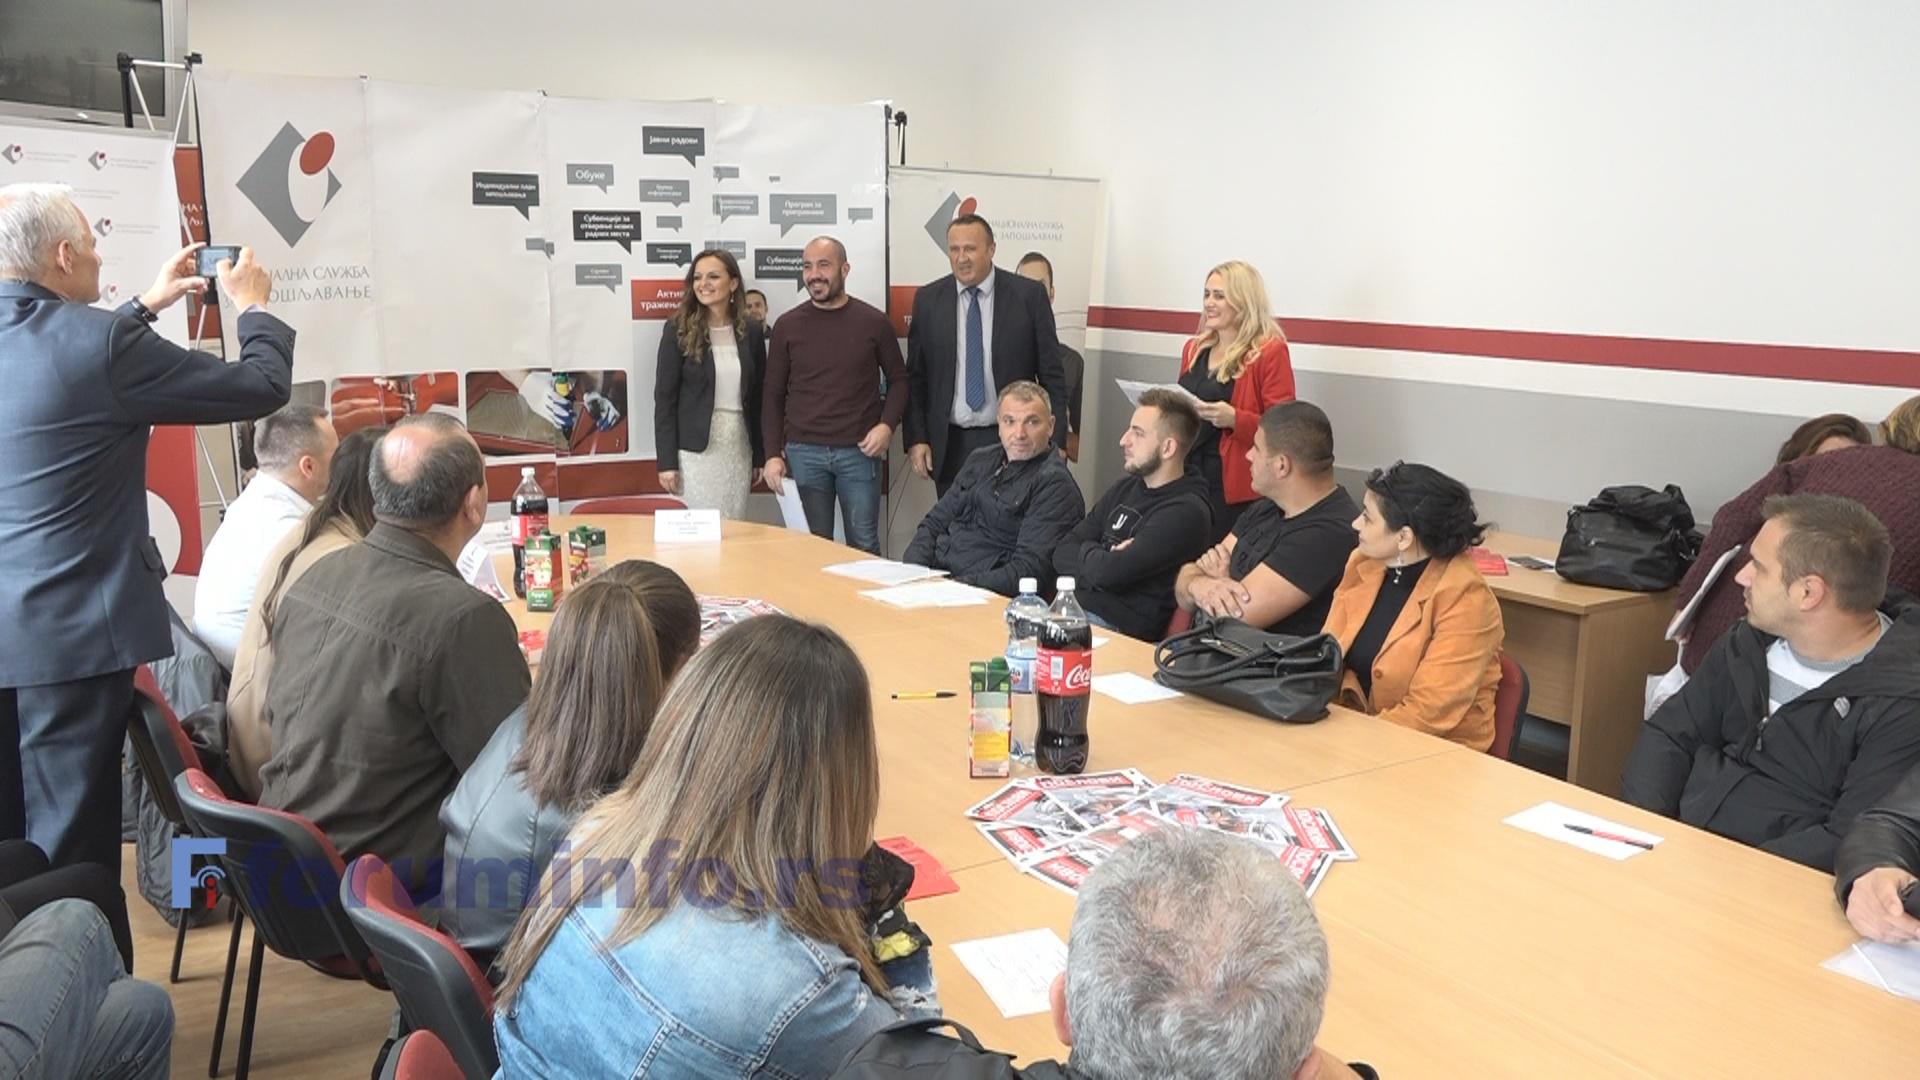 Сопствени бизнис започеће 34 незапослене особе из Пријепоља